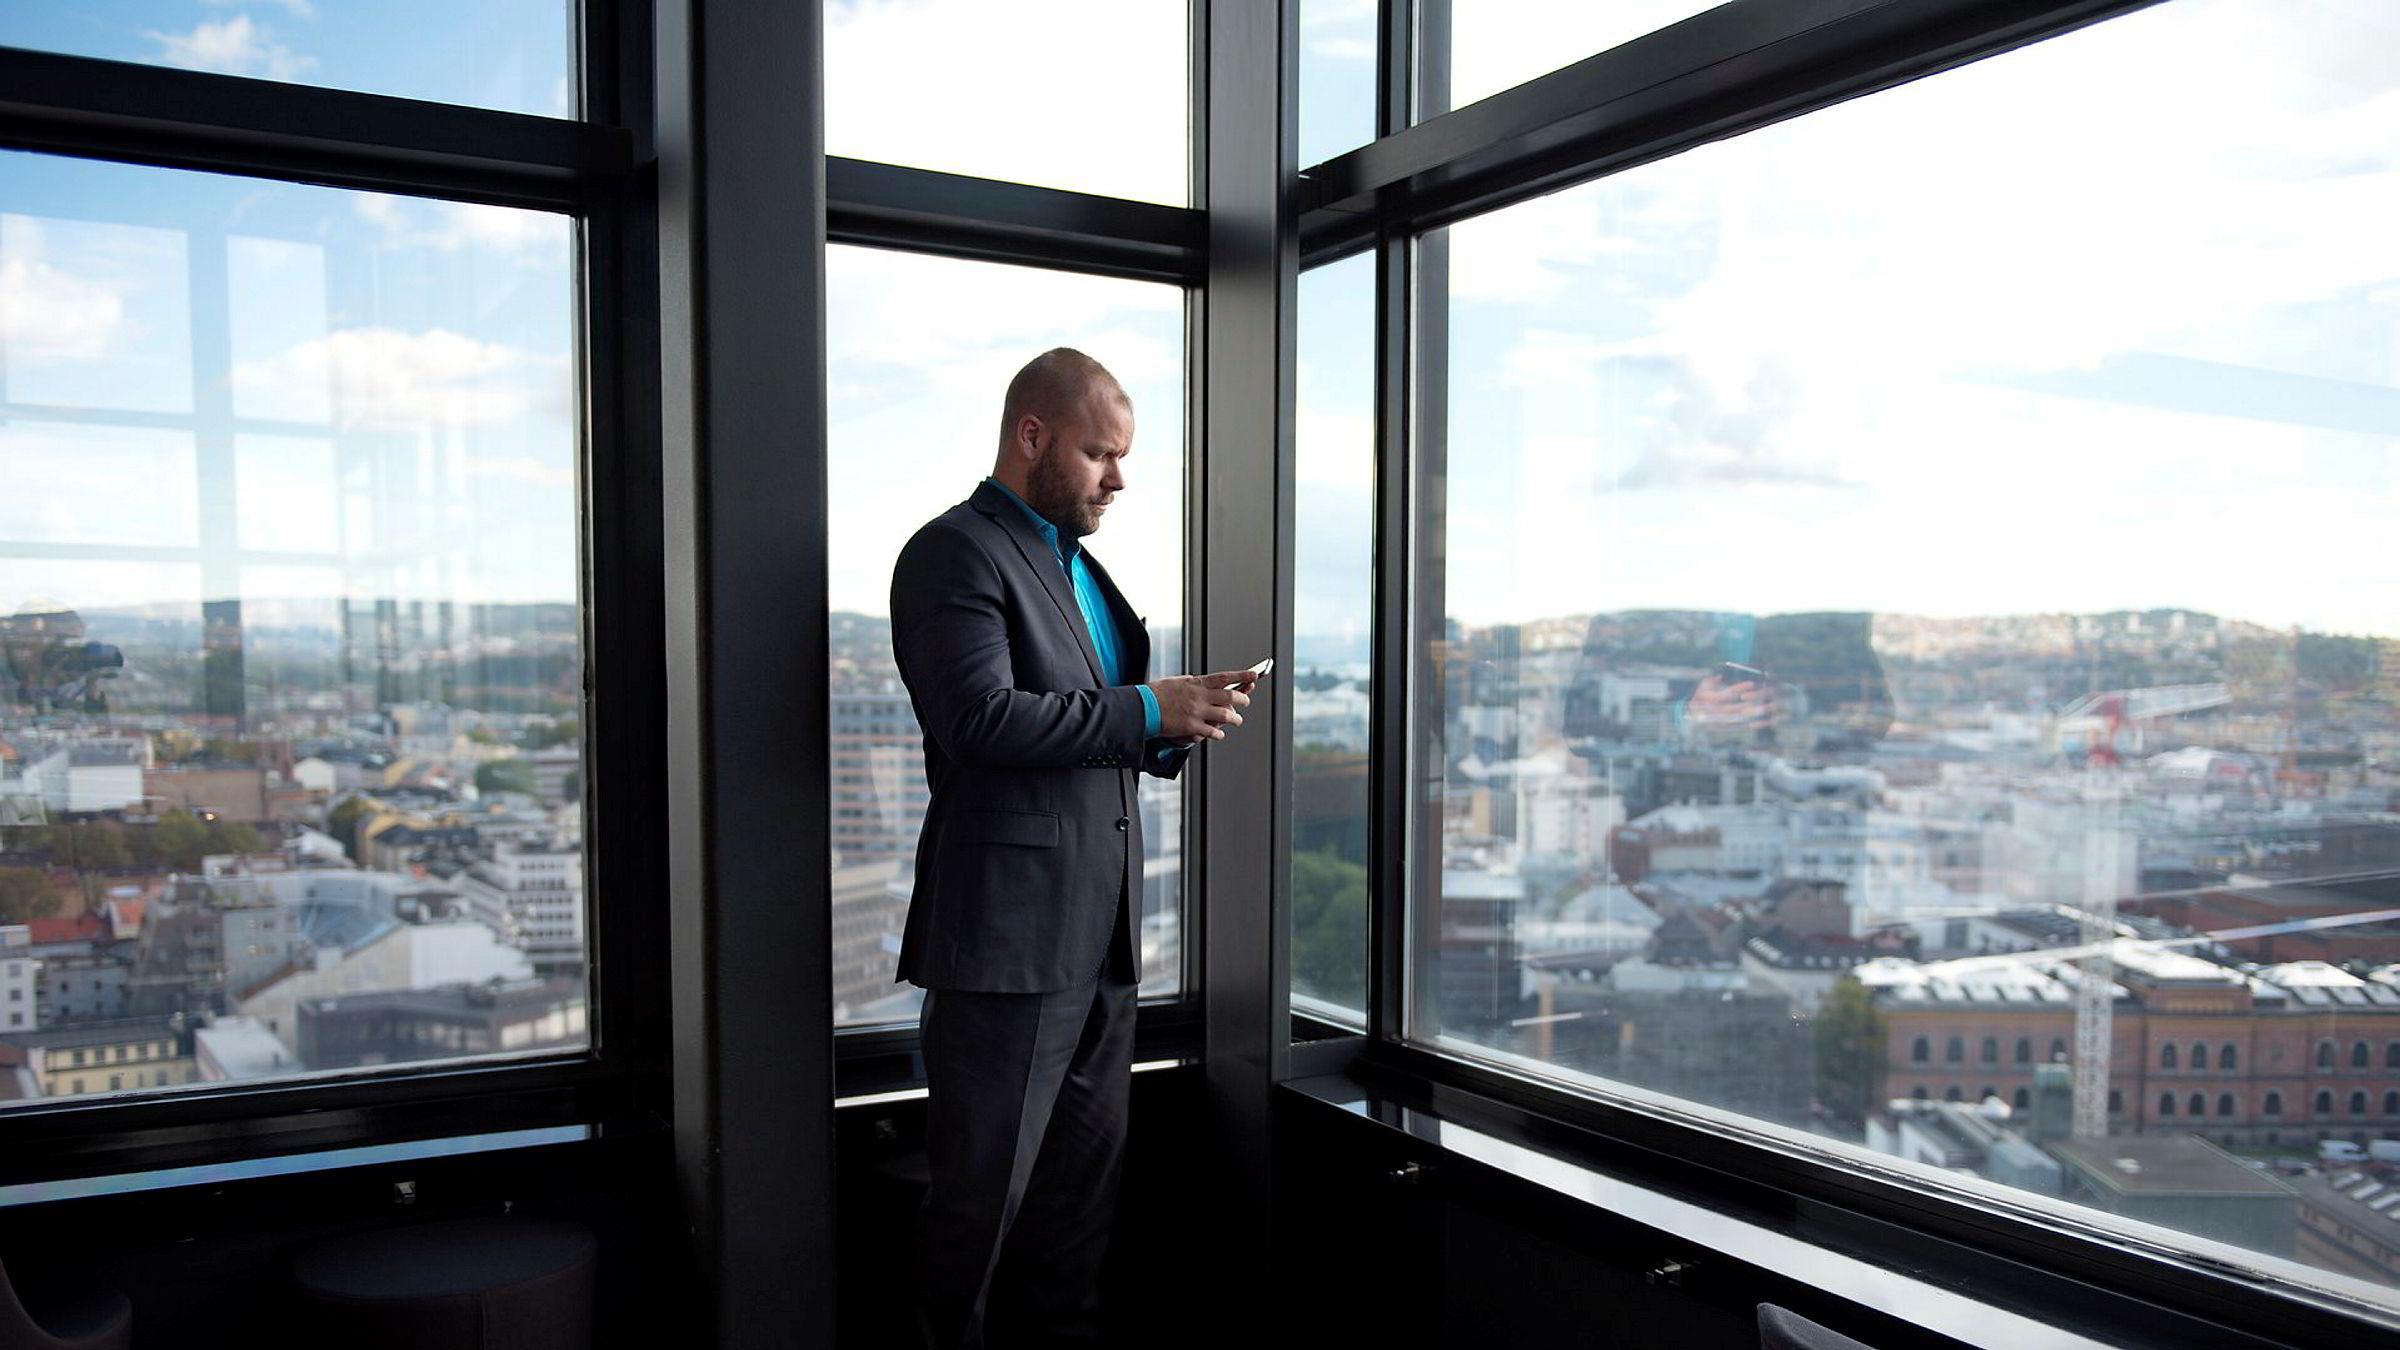 Rune Godager føler han har kommet til rett sted, som it-ansvarlig for Radisson Blu -hotellet på Holbergs plass i Oslo. – Da jeg hadde fått jobben, kikket jeg opp på hotellet og tenkte: Dette styrer jeg nå! Det var en herlig følelse, sier Godager.